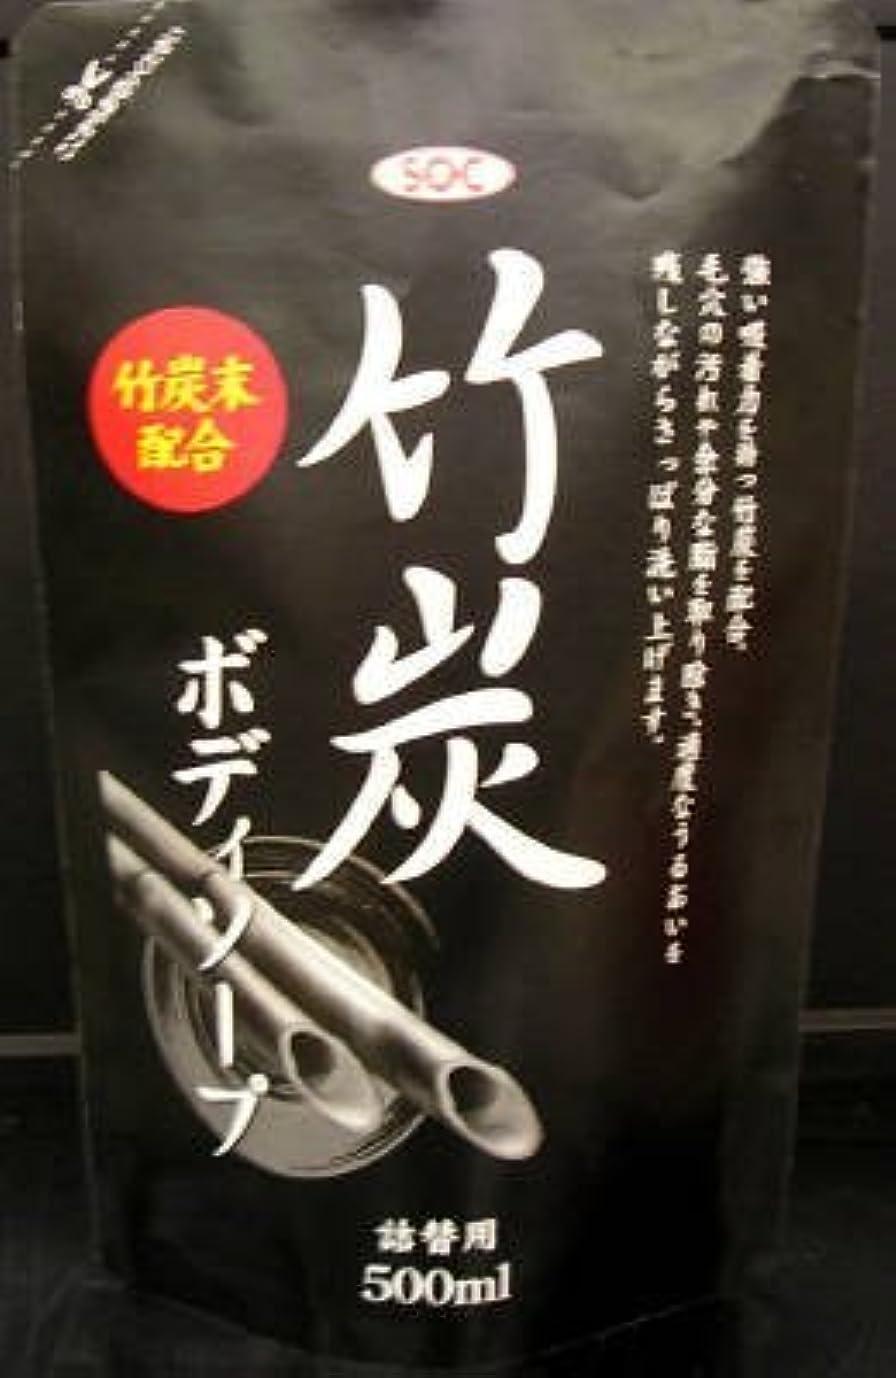 地味なレルム致命的渋谷油脂 SOC 竹炭ボディソープ つめかえ用 500ml 天然ヒノキオイルのほのかな香り(お肌にマイルドな石鹸タイプの竹炭配合ボディシャンプー)×15点セット (4974297271138)